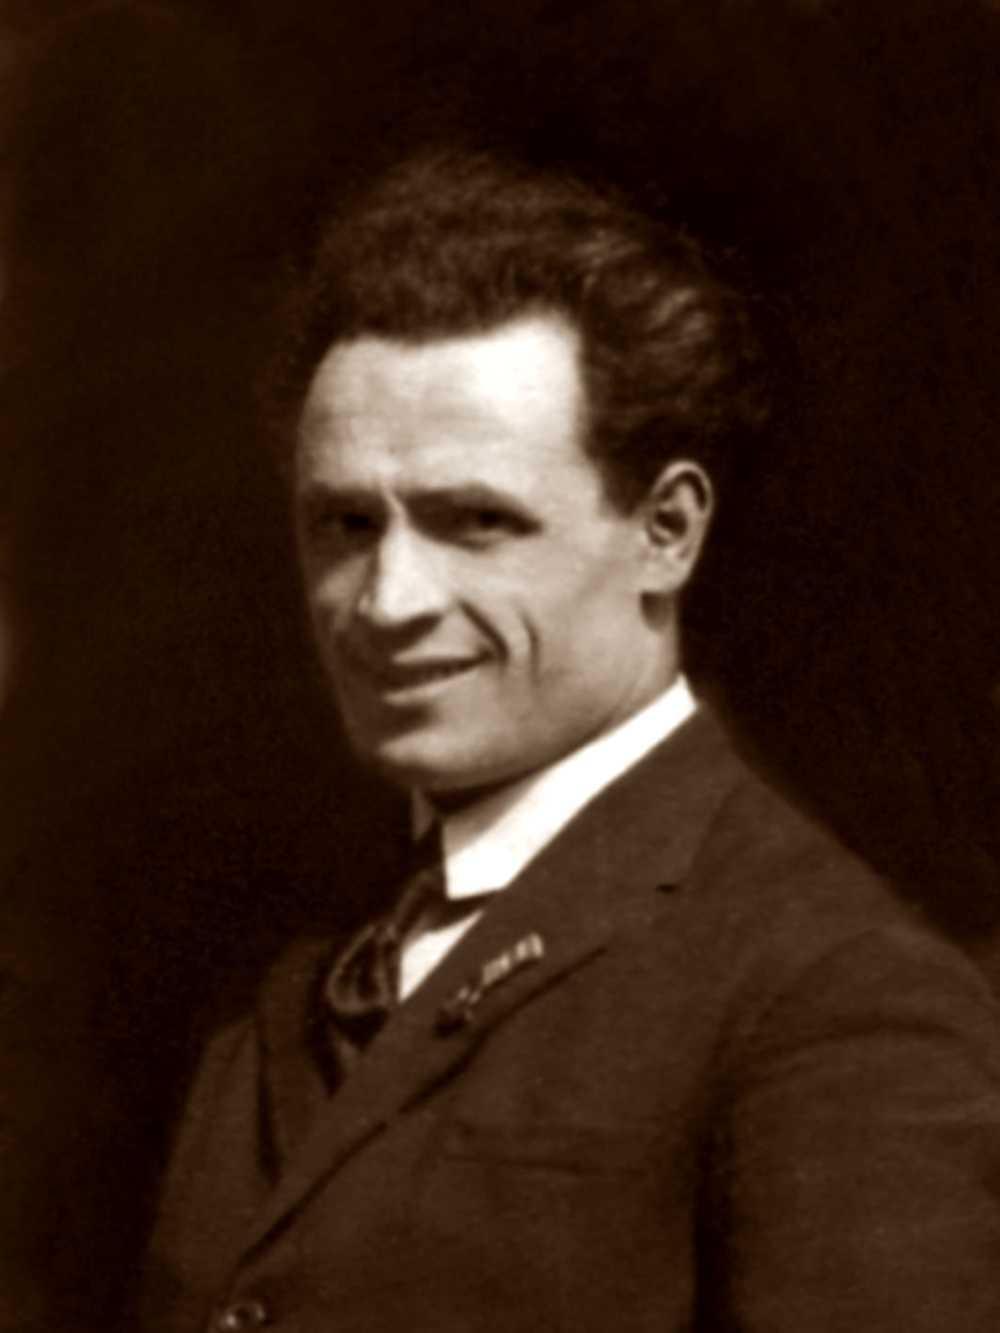 Gino Coletti